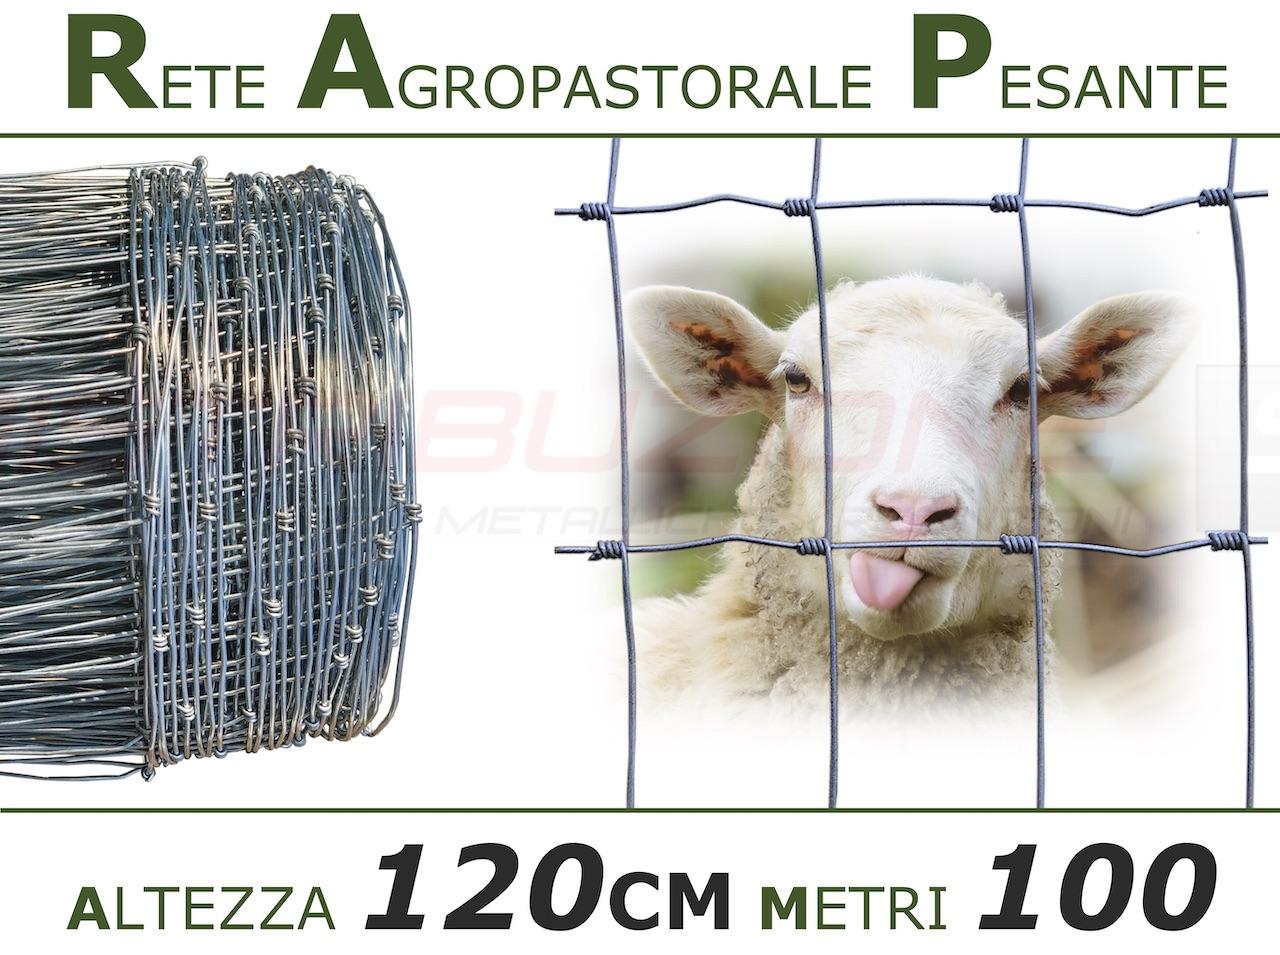 Rete Pastorale 120cm per 100cm